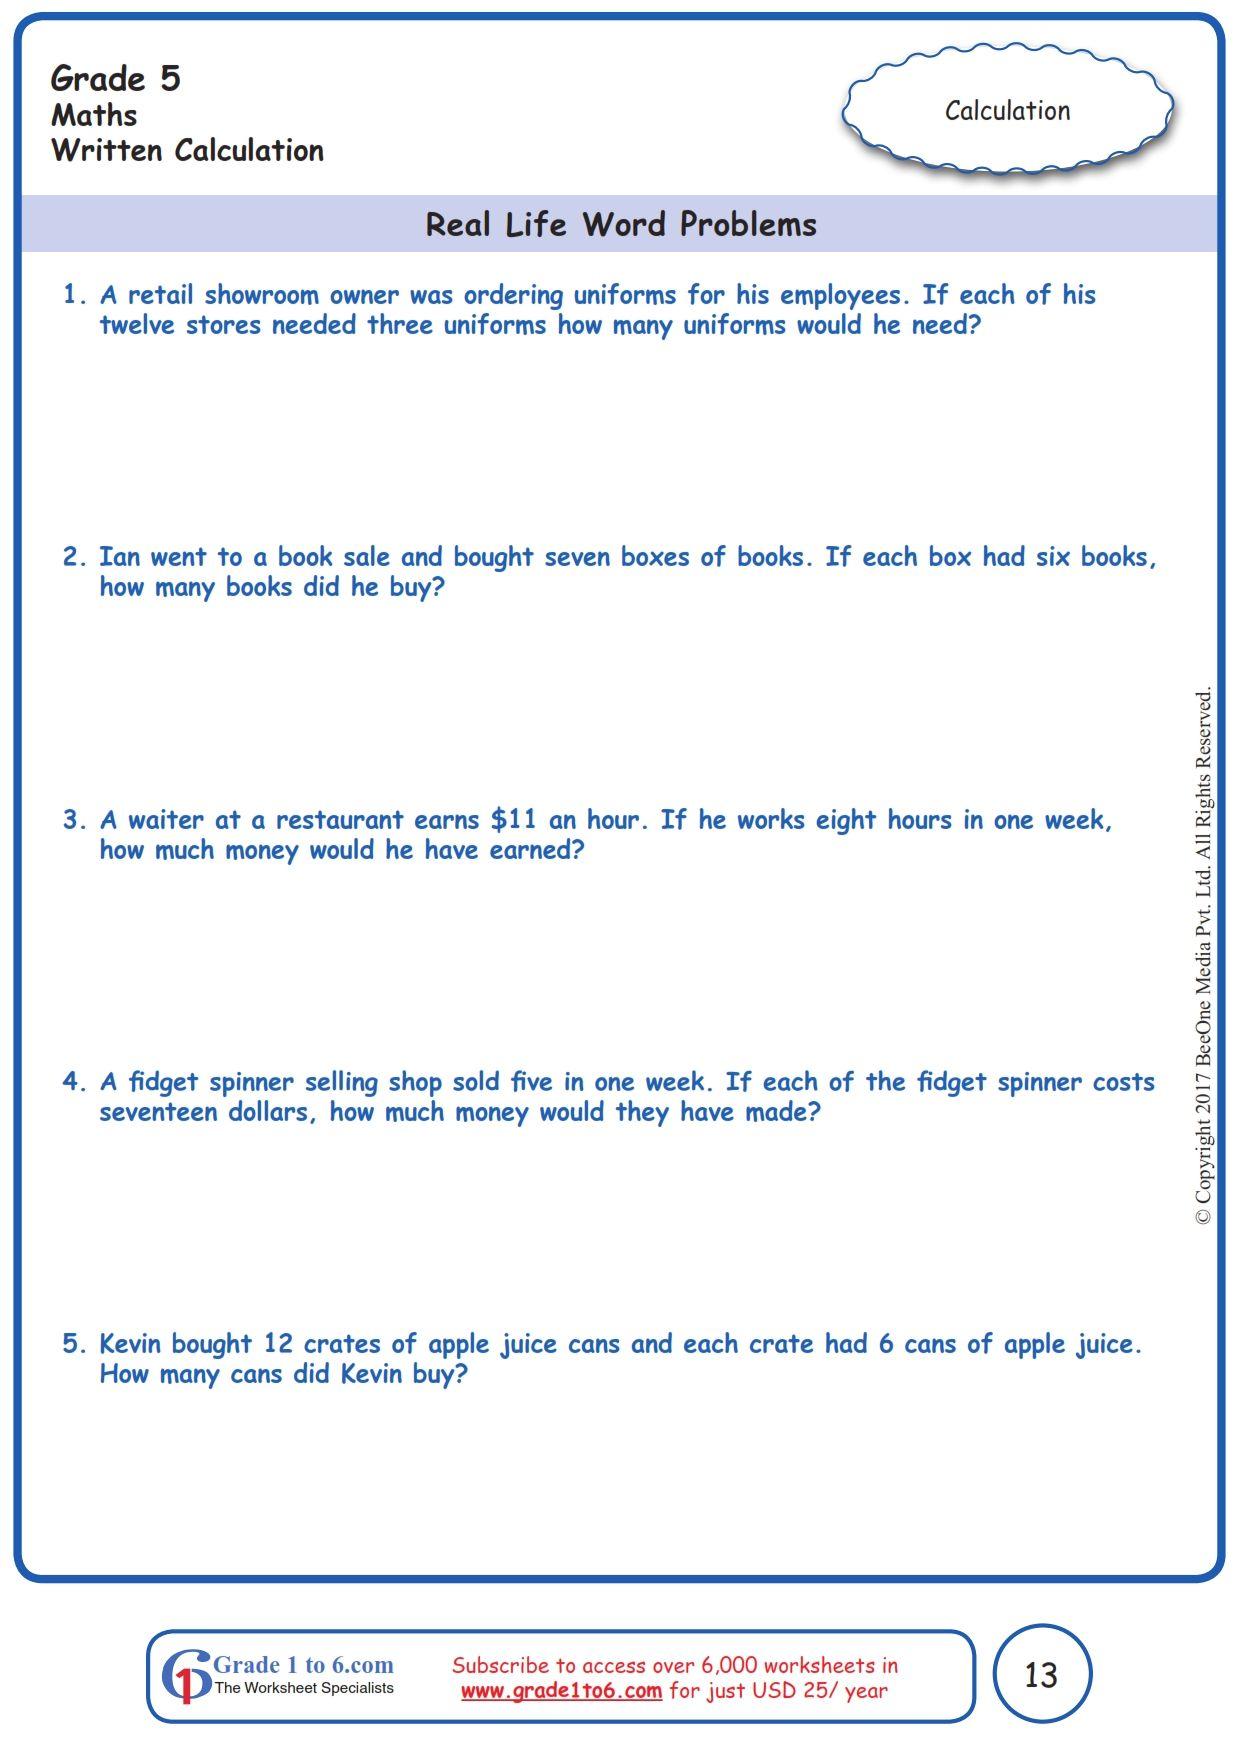 Worksheet Grade 5 Math Real Life Word Problems Basic Math Worksheets Algebra Worksheets Middle School Math Worksheets